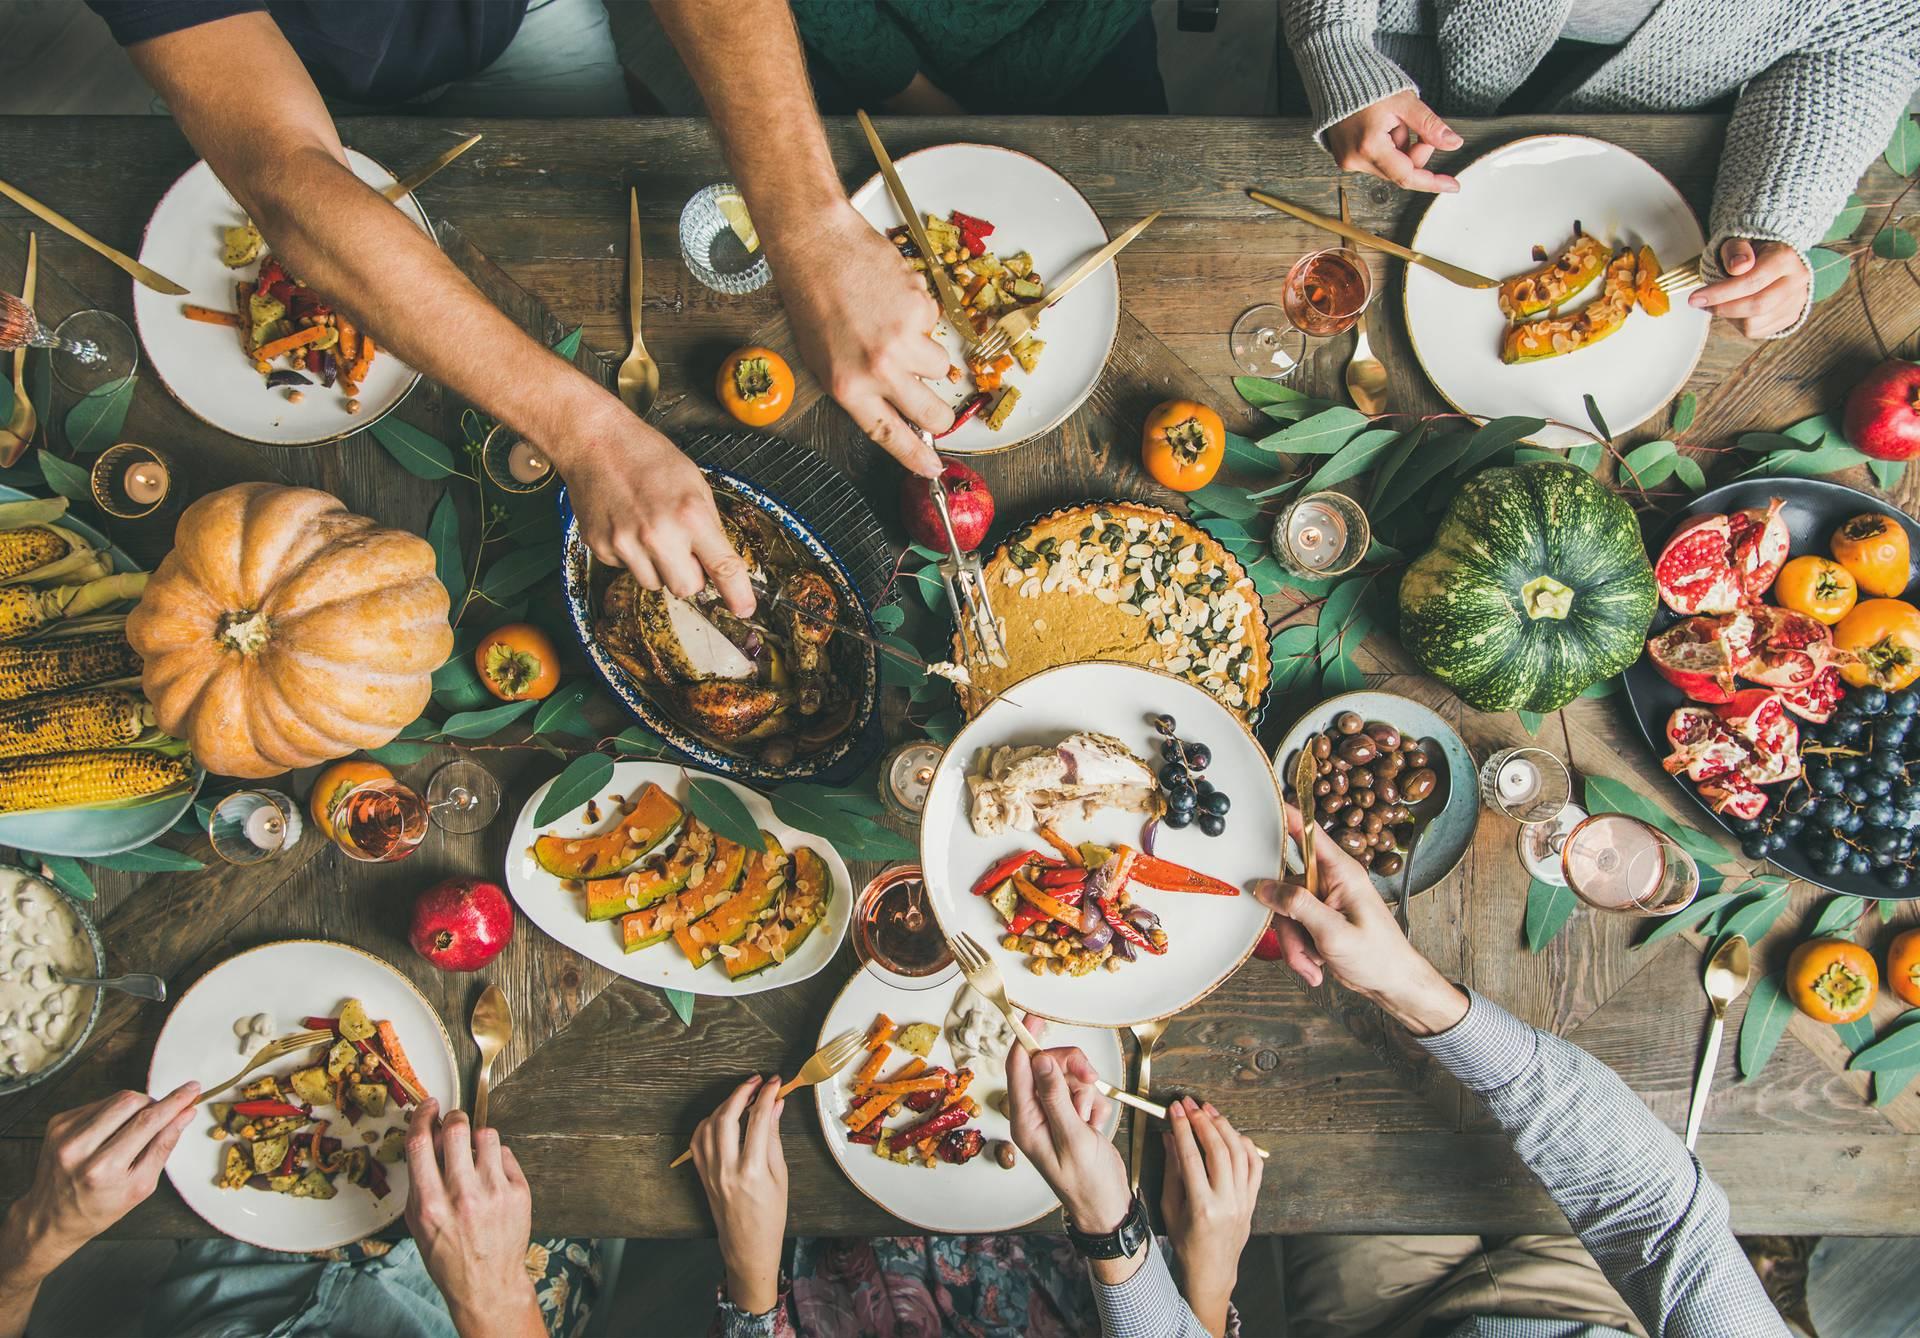 Feng shui prehrana: U proljeće treba jesti povrće i janjetinu